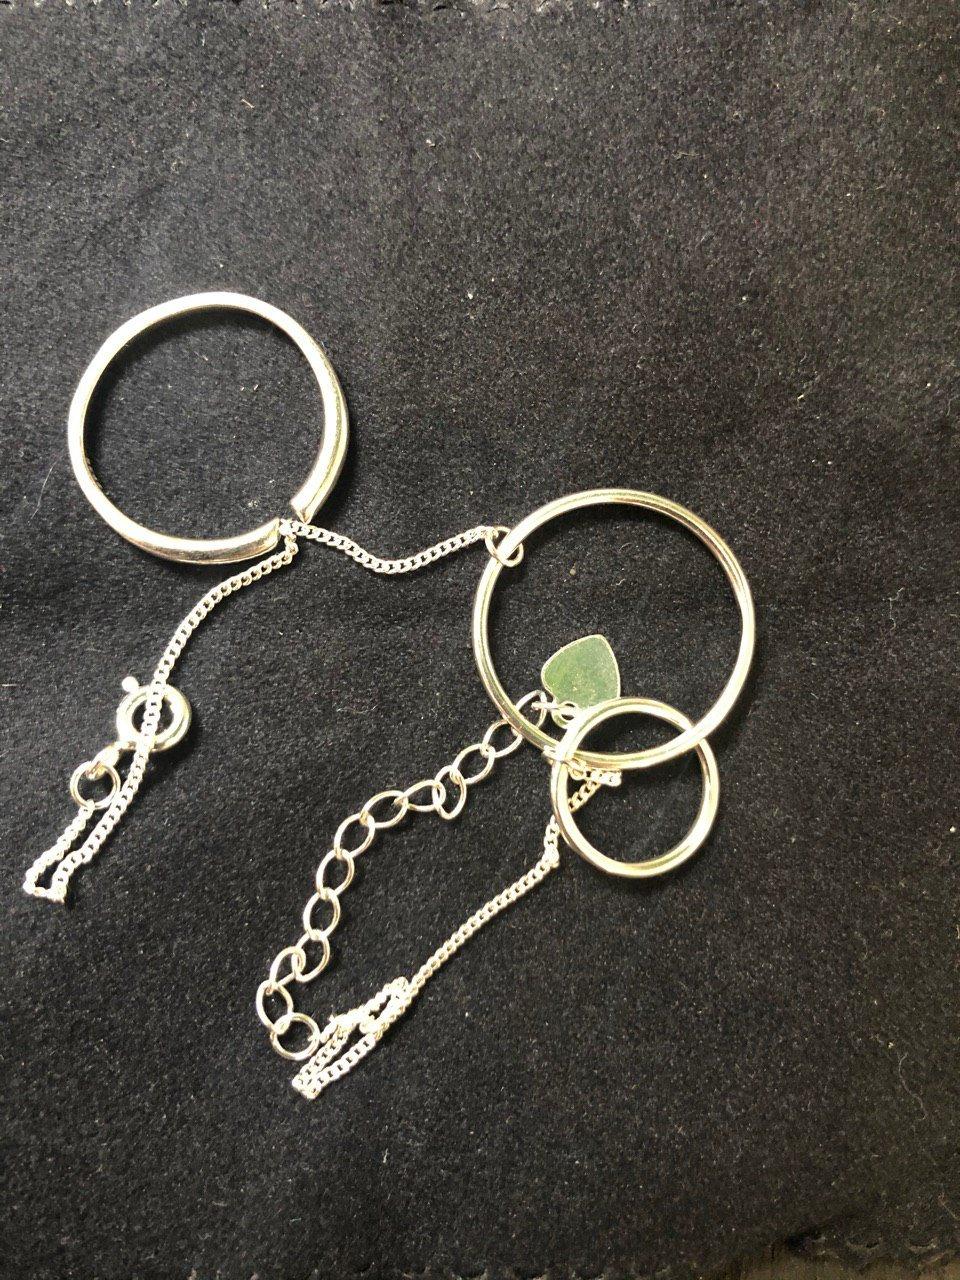 Minimal Silver - Якісне срібло і дизайн